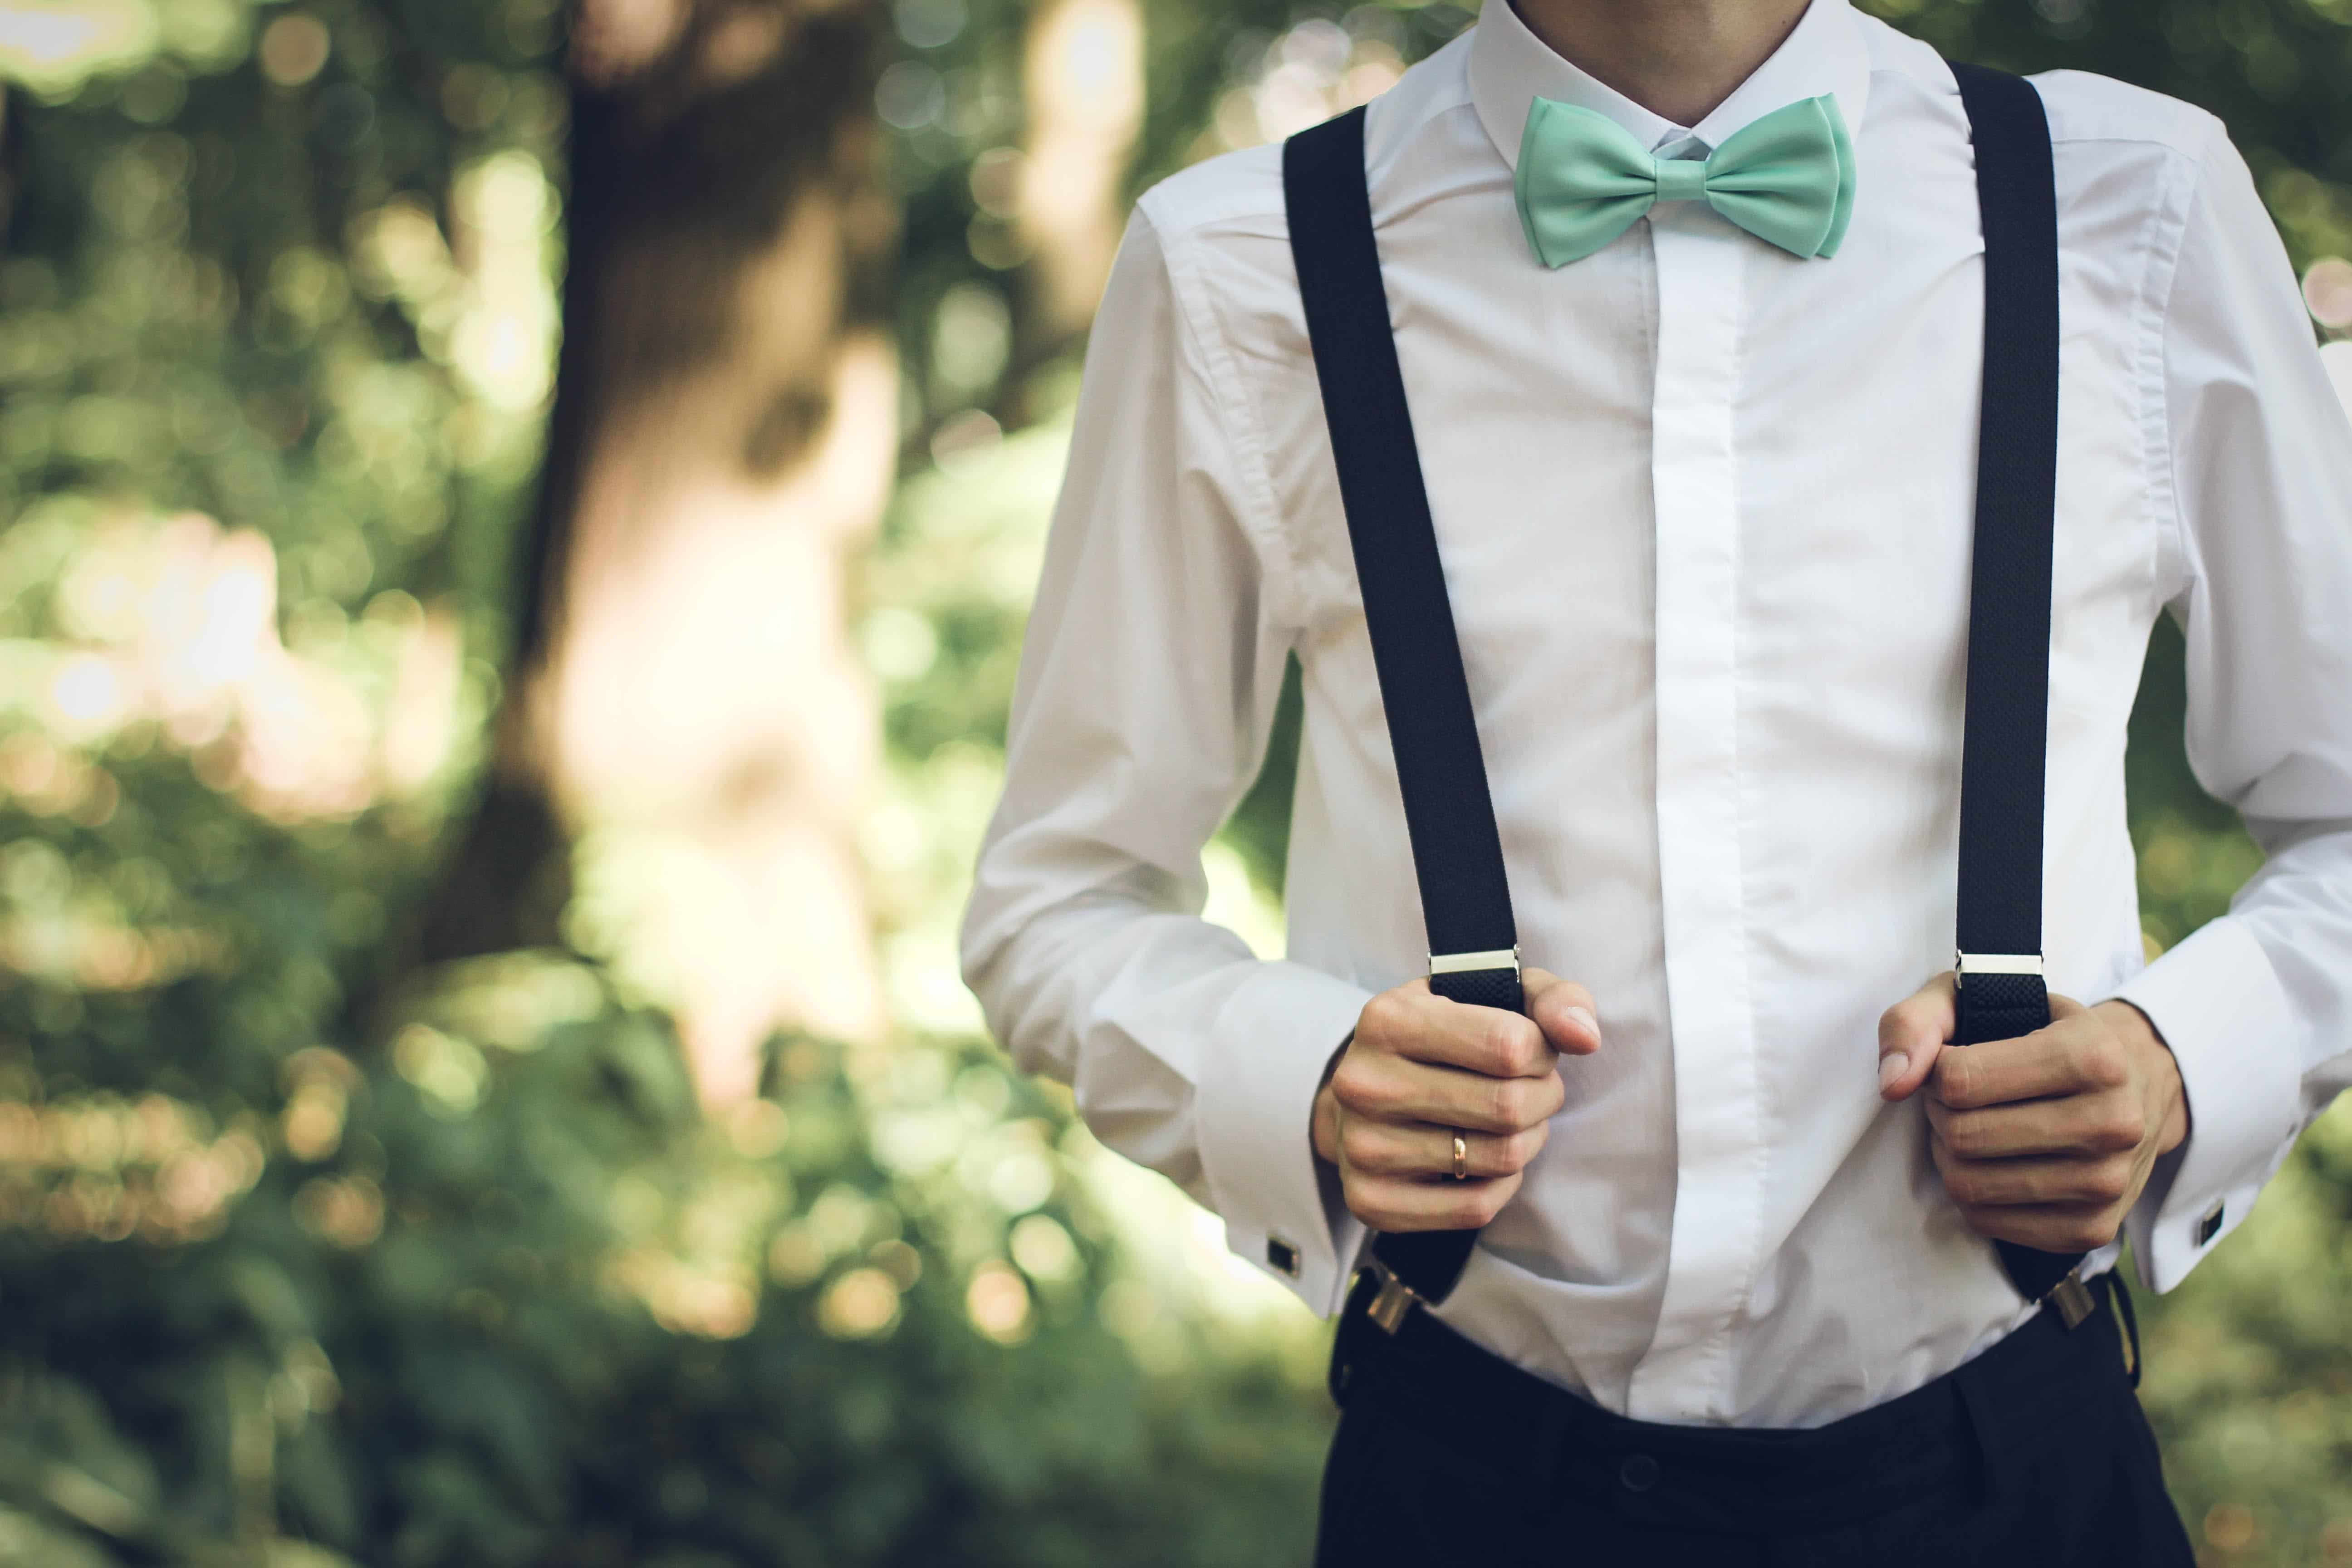 Comment porter des bretelles pour homme? 1